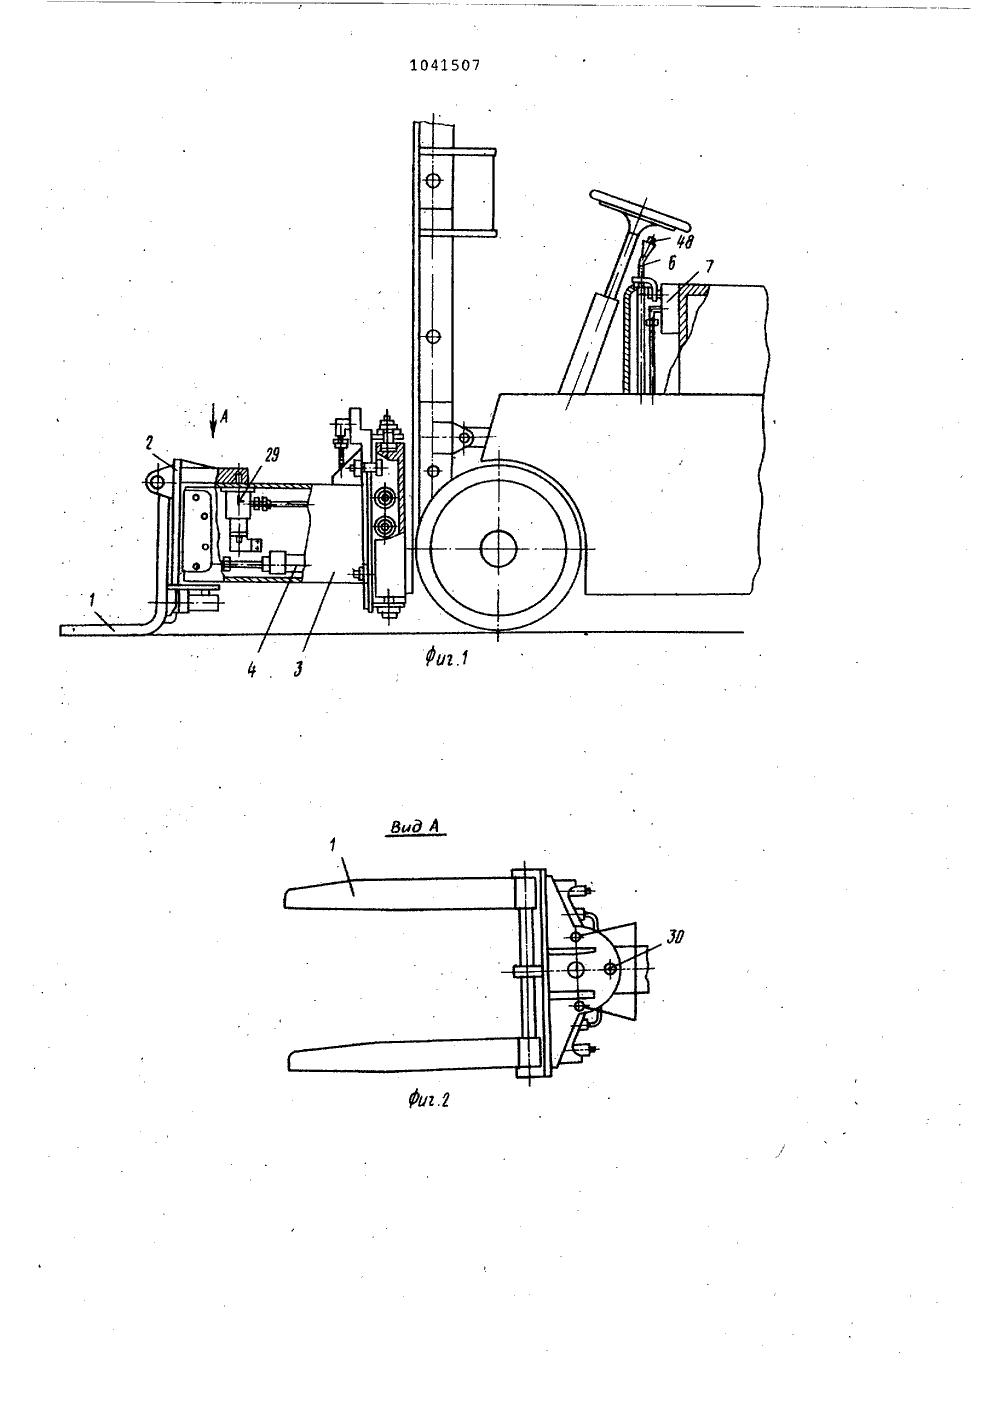 Схема автопогрузчика с вилочным захватом